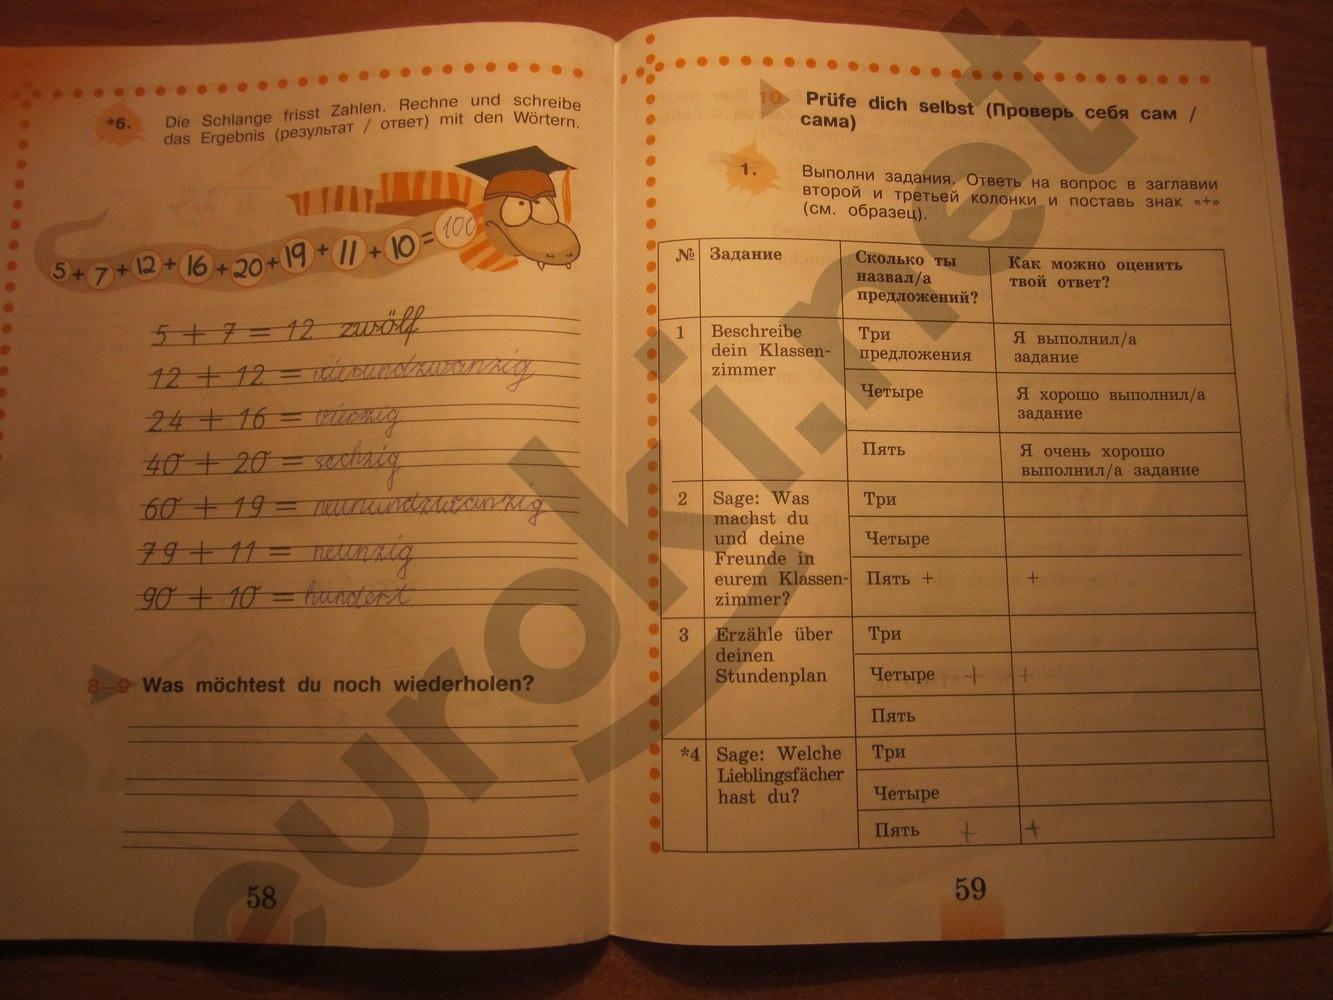 ГДЗ по немецкому языку 4 класс рабочая тетрадь Бим И.Л., Рыжова Л.И. Часть 1. Задание: стр. 58-59